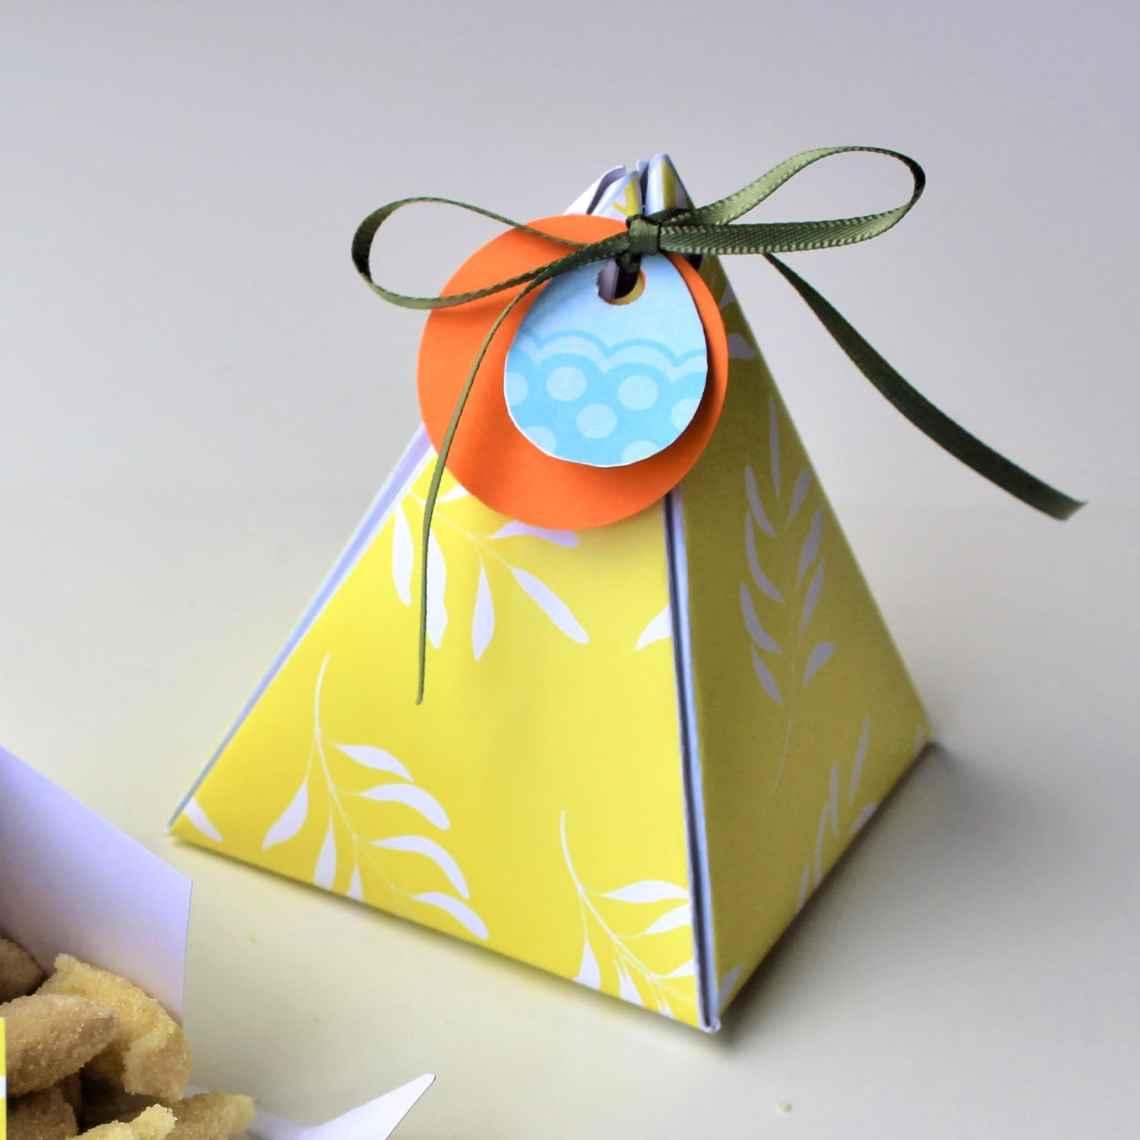 Sådan laver du en pyramideæske - Lav dine egne gaveæsker - find gratis æsker i flere farver og størrelser, kort, plakater, opskrifter og inspiration til årets gang på danishthings.com #DanishThings #gaveæske #pyramideæske #gave #gratis